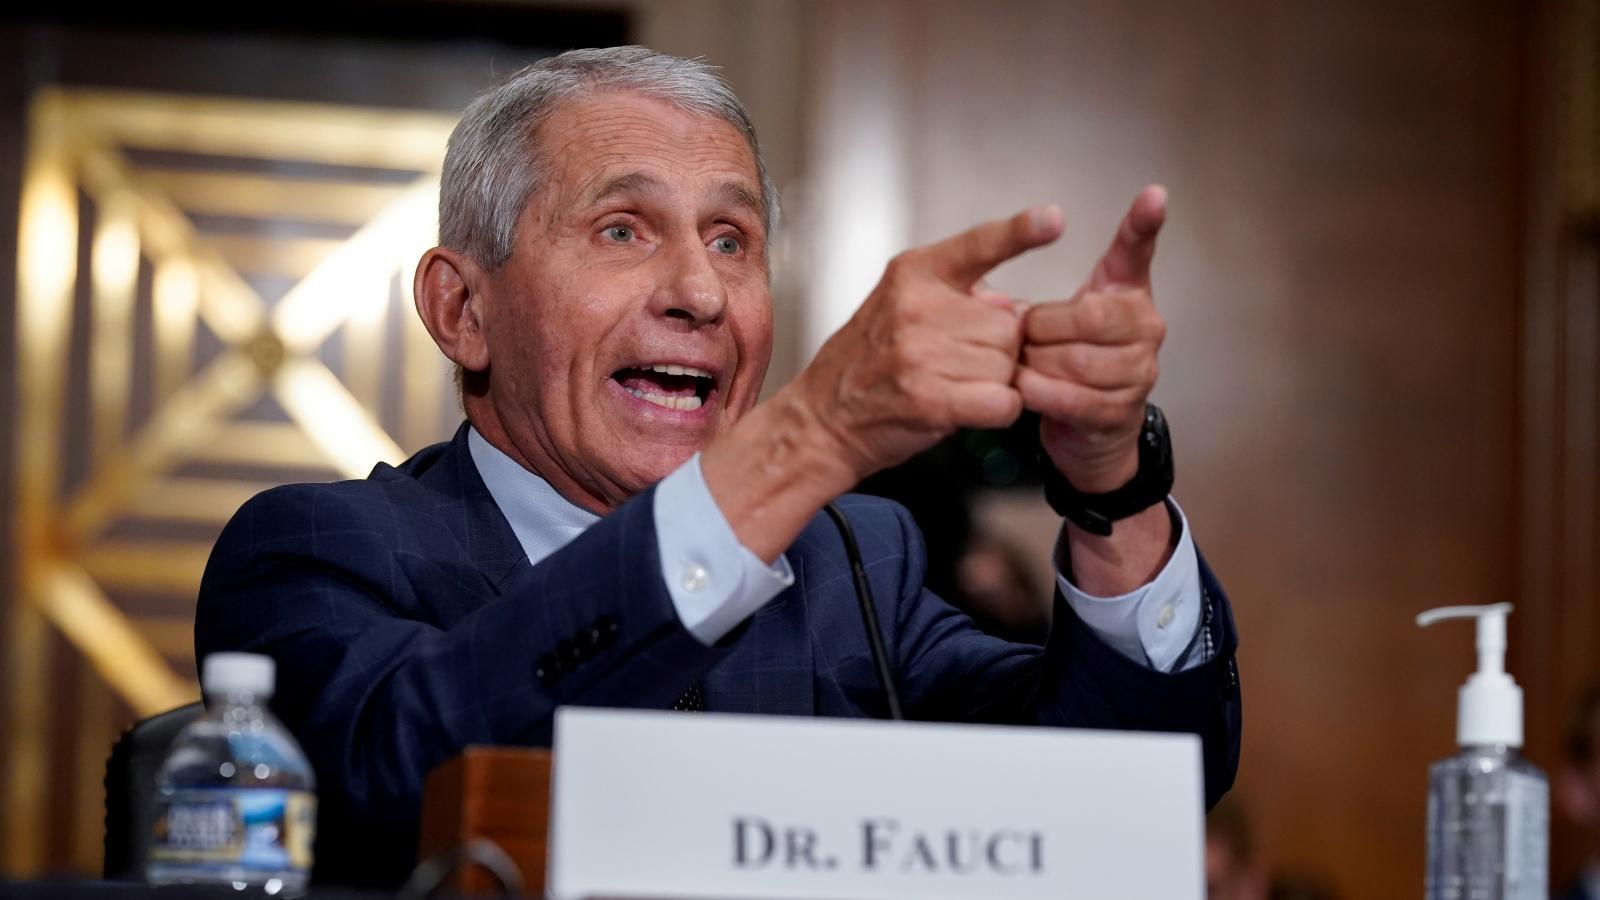 Tiến sĩ Fauci cảnh báo tình hình dịch bệnh Covid-19 tại Mỹ có thể sẽ tồi tệ hơn